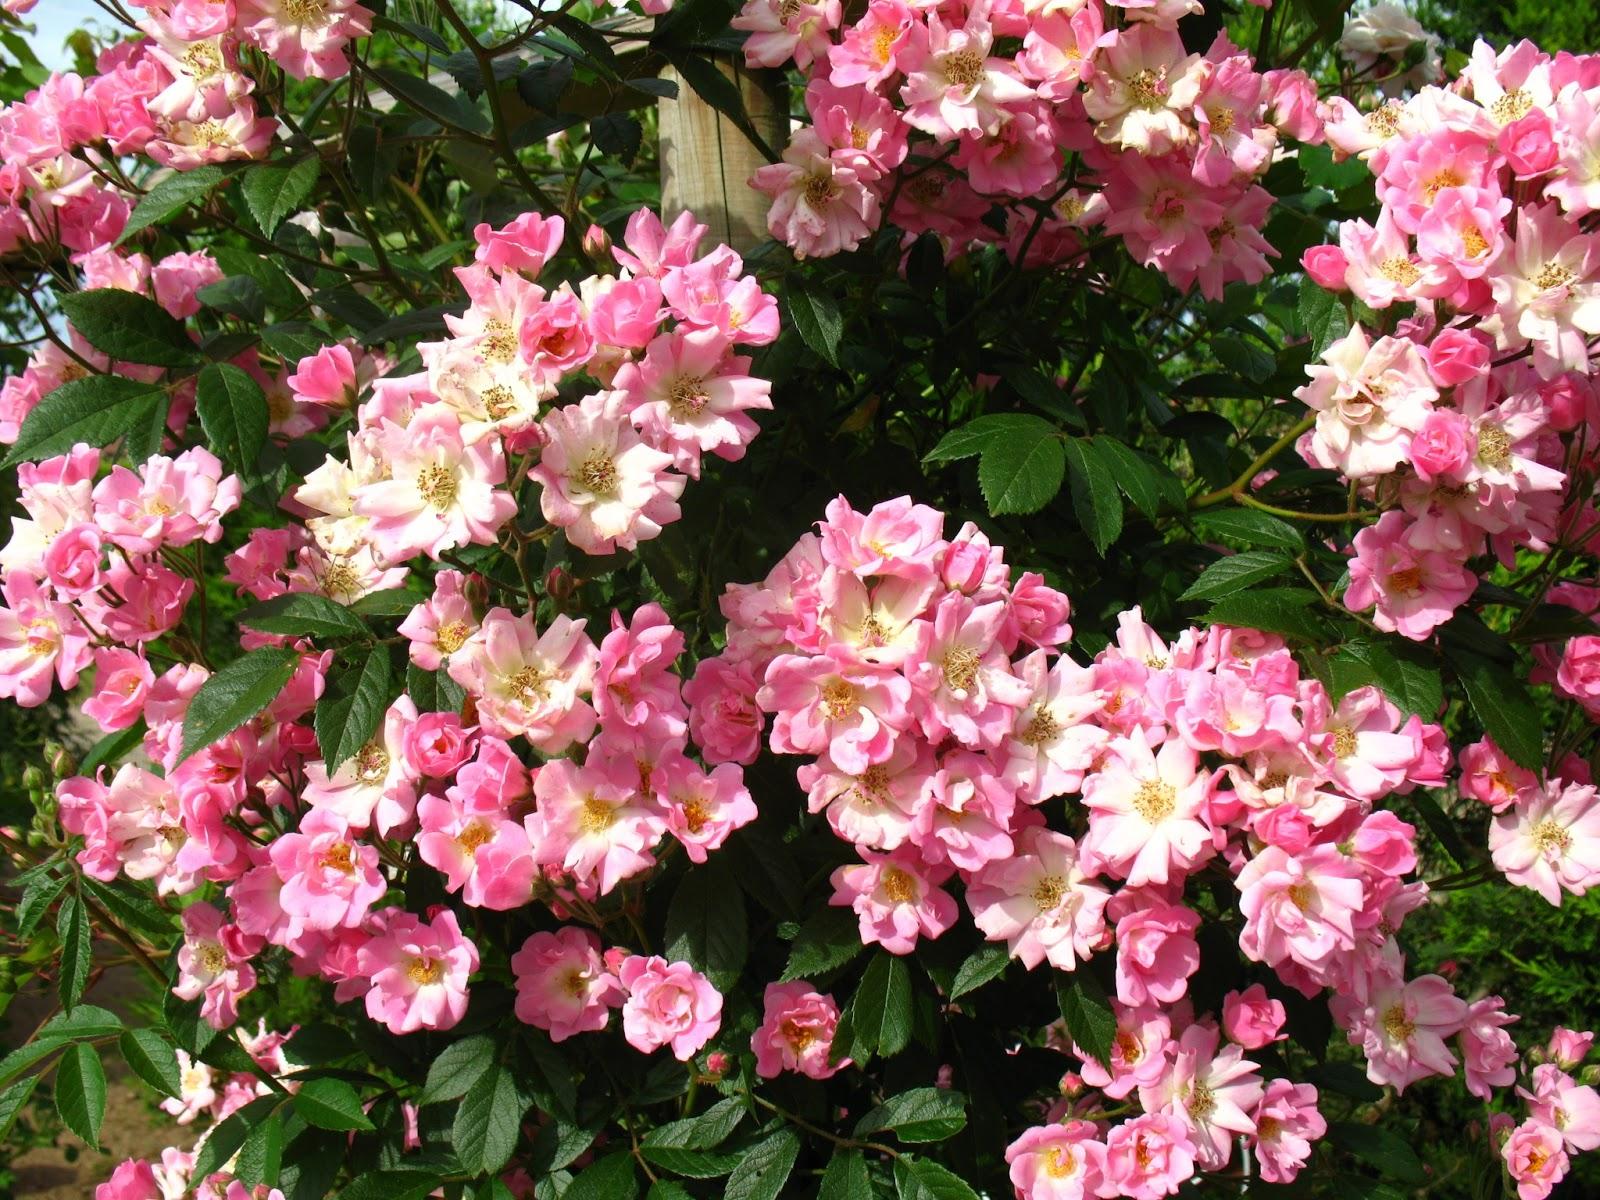 roses du jardin ch neland rosier marietta silva tarouca. Black Bedroom Furniture Sets. Home Design Ideas